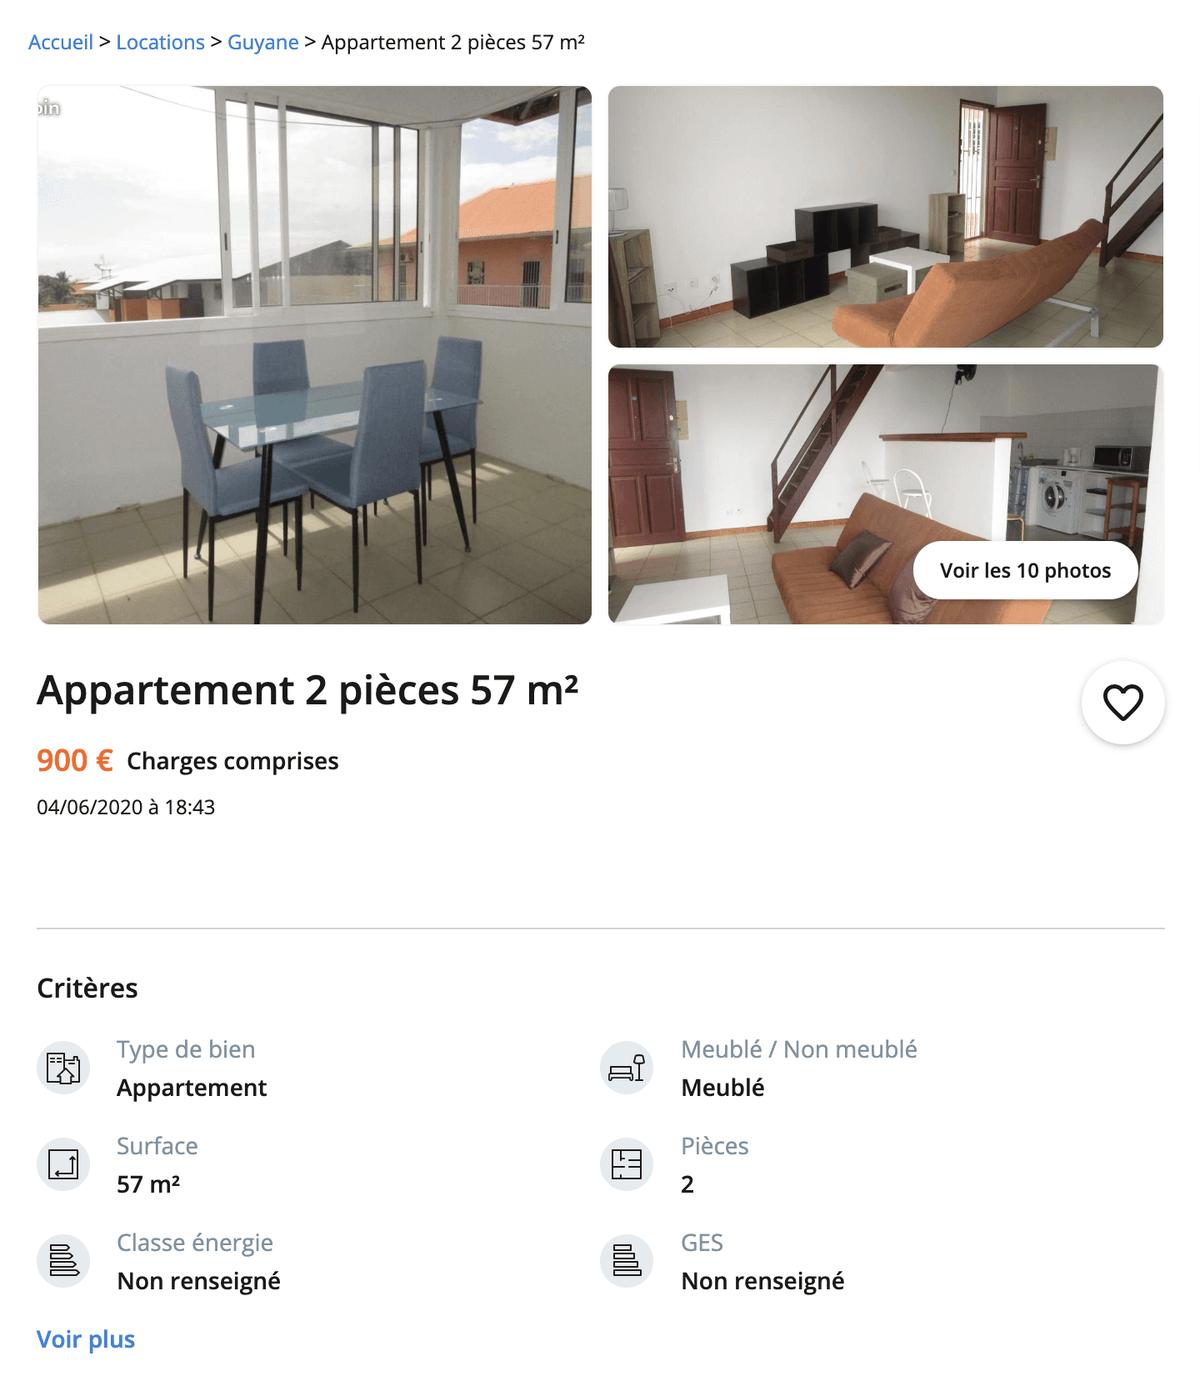 Квартира с двумя комнатами — 900€